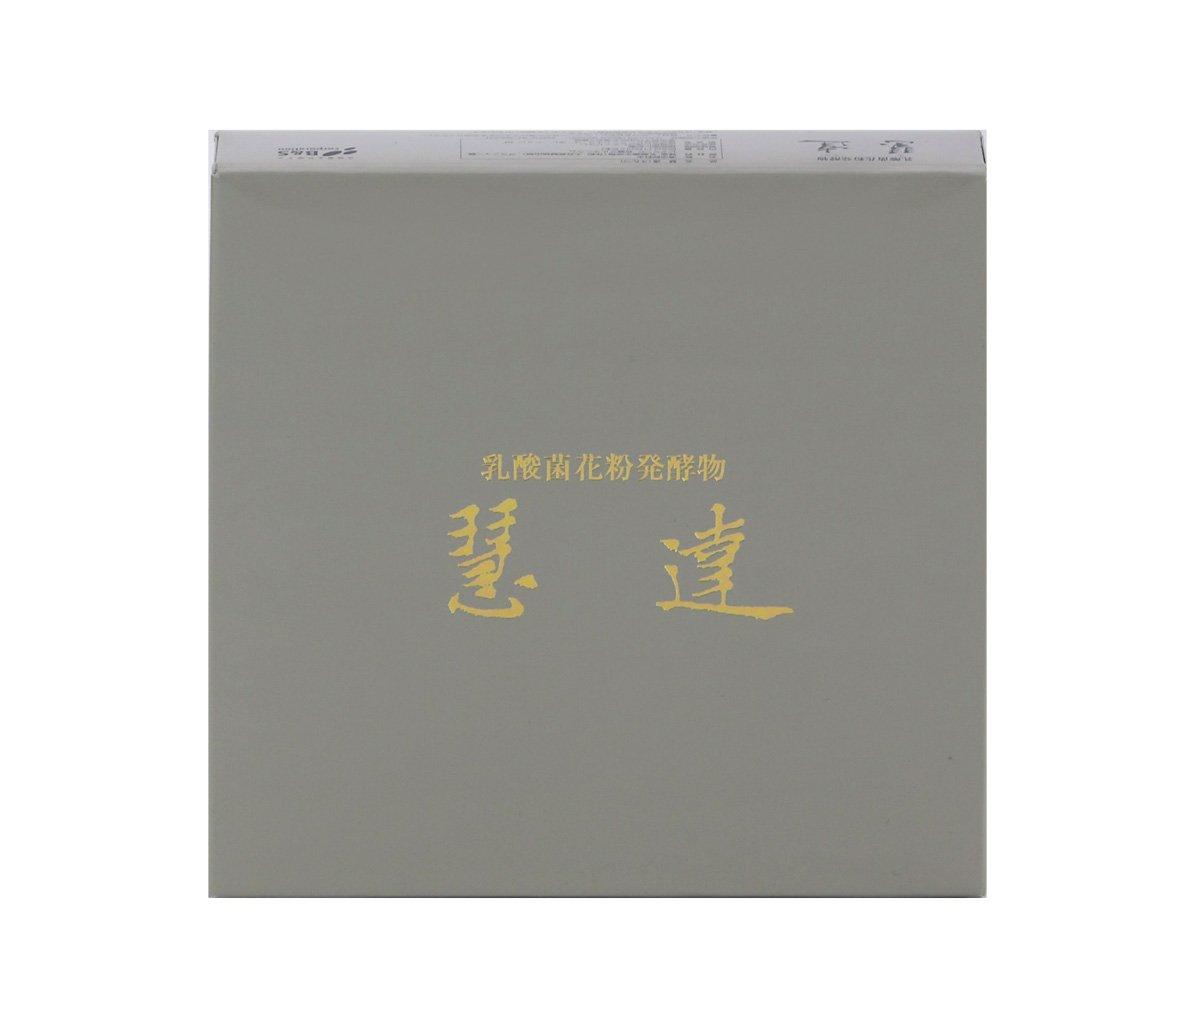 慧達 (えたつ) 乳酸菌花粉発酵物 (10ml×6本 約1か月用) B0794VT23Y